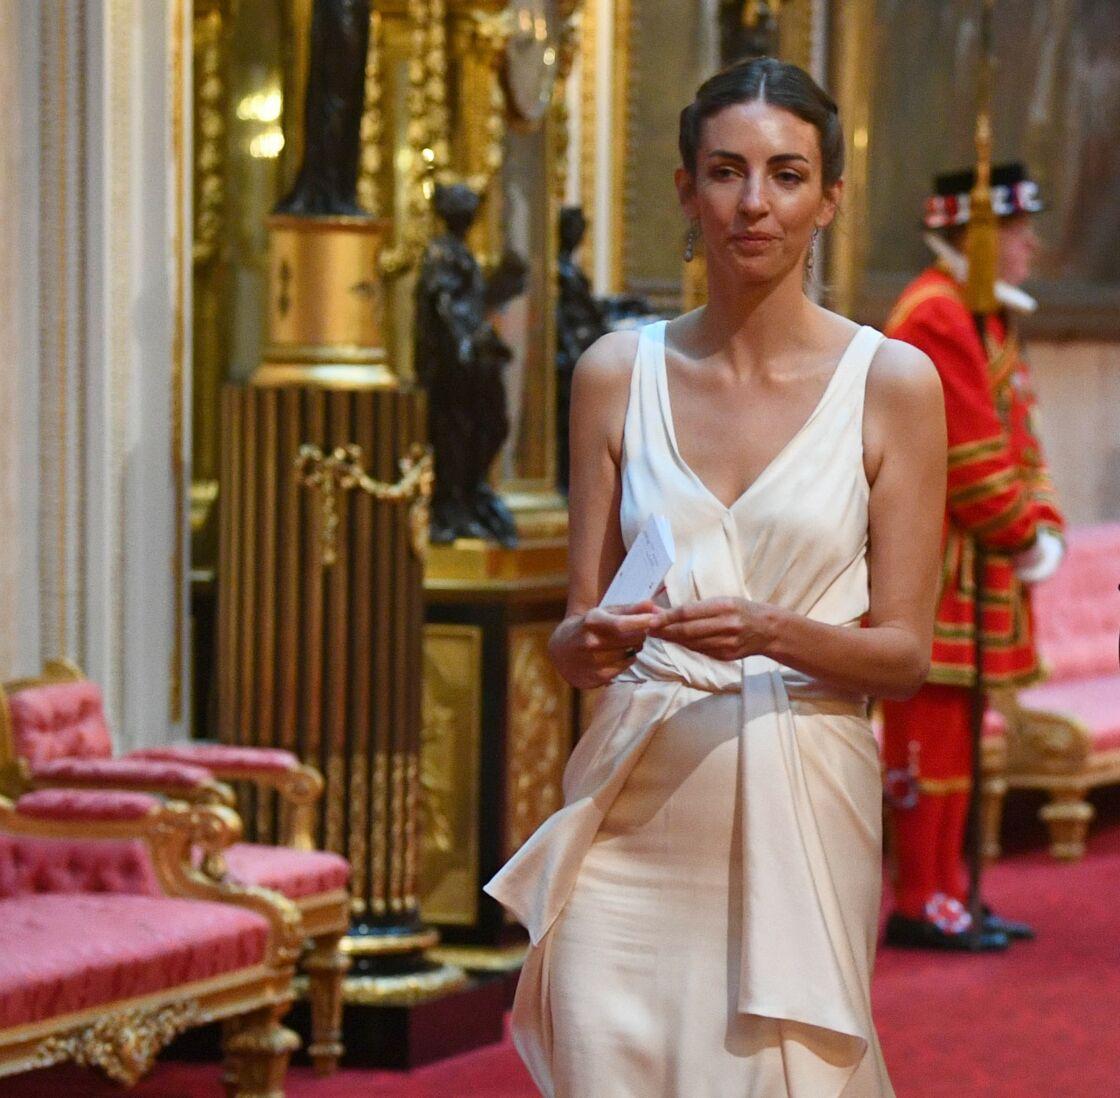 Rose Hanbury, celle par qui le scandale est arrivé, lors de la réception de Donald Trump à Buckingham, le 3 juin 2019.